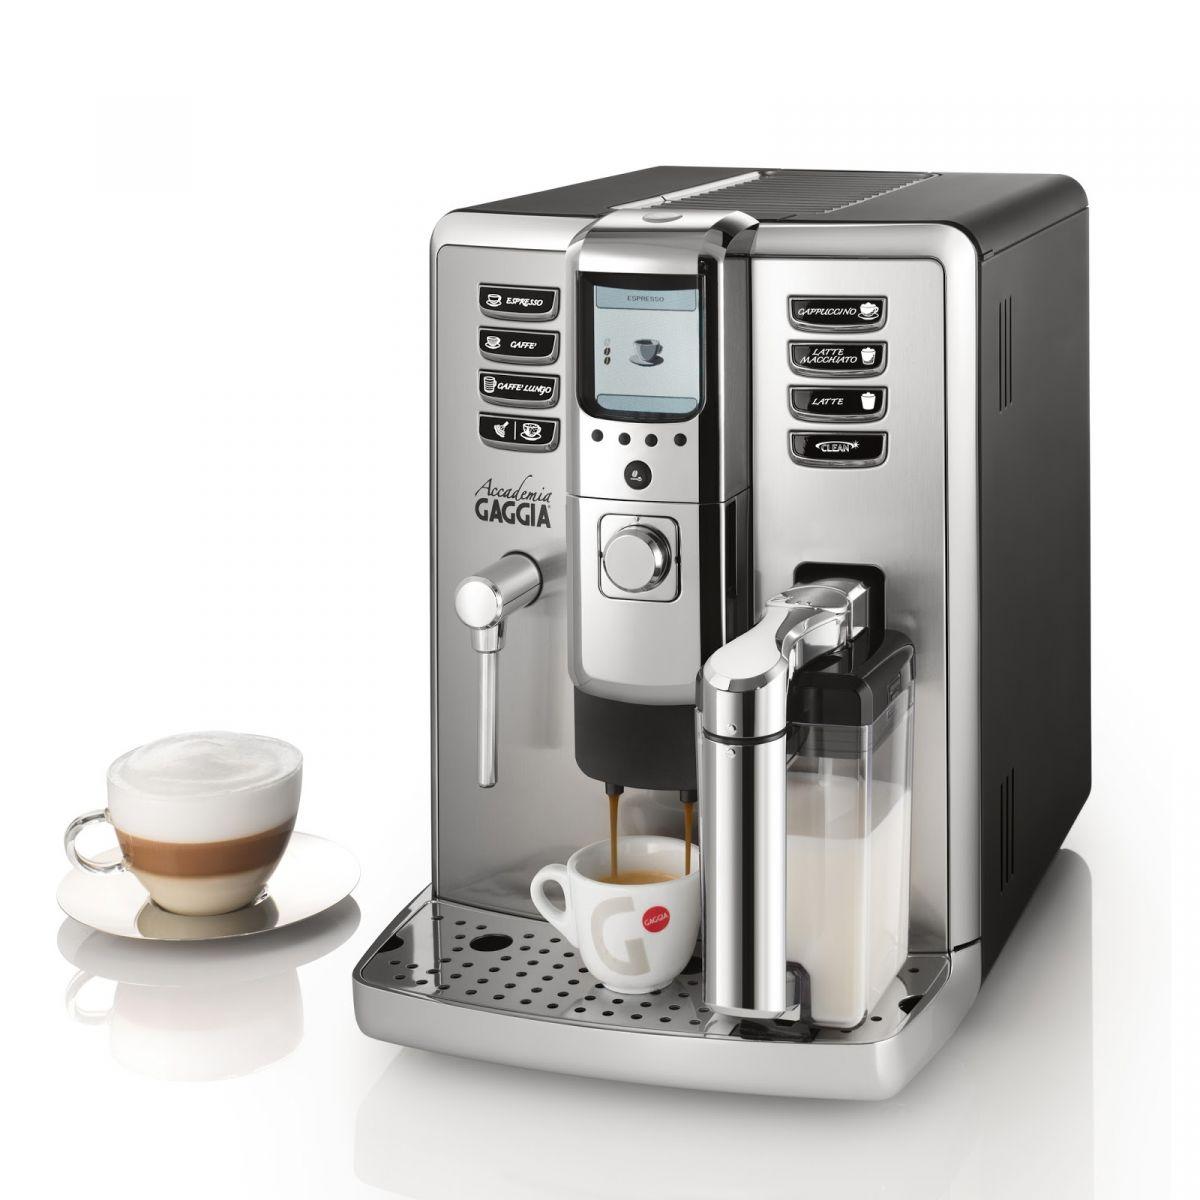 Tính năng nổi bật của máy pha cà phê Gaggia